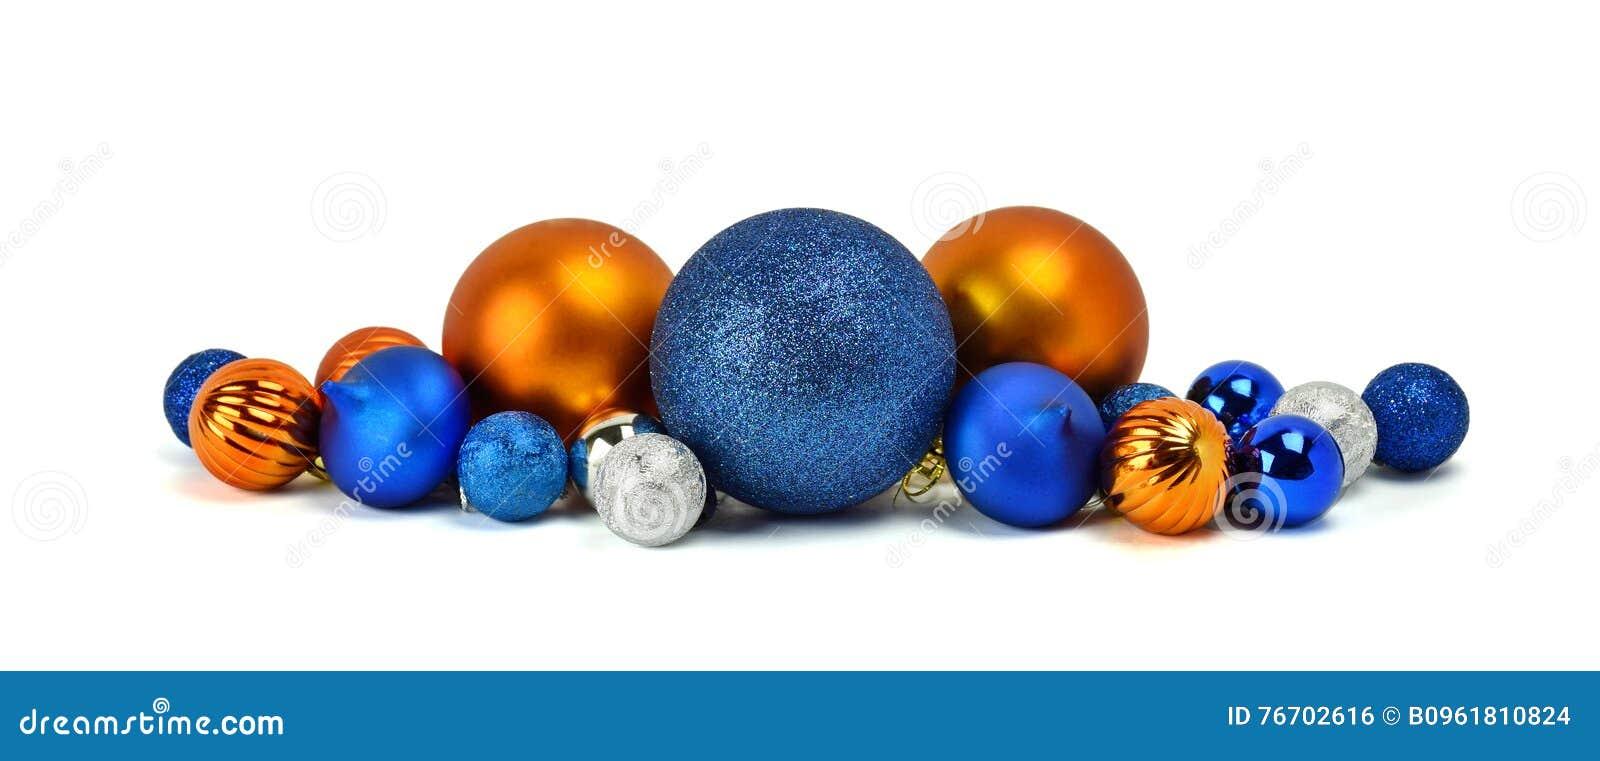 En hög av julprydnader, färgrika bollar / Isolerat på whi